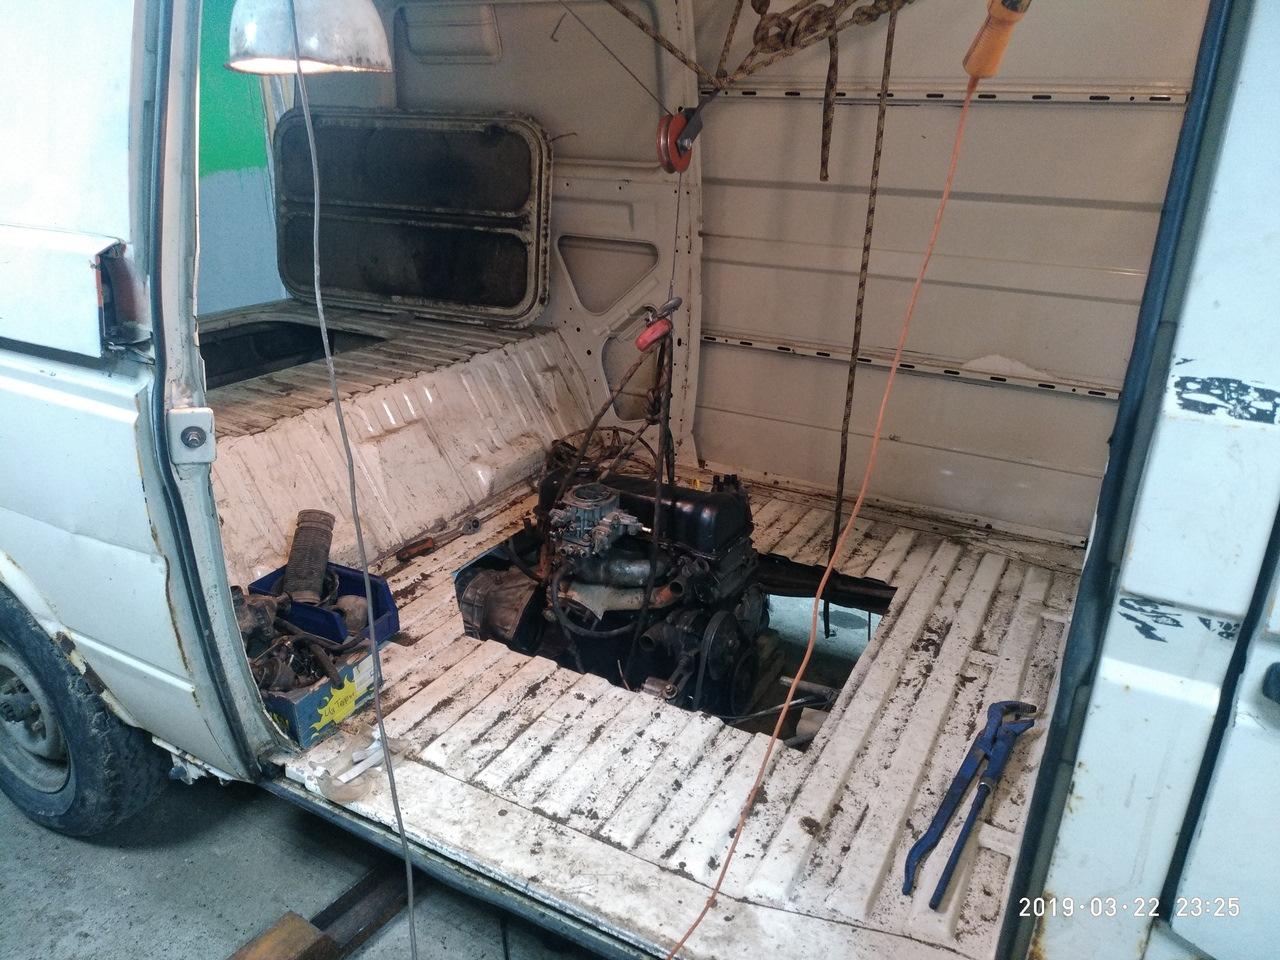 Багажник на транспортер т3 криминальная россия конвейер смерти